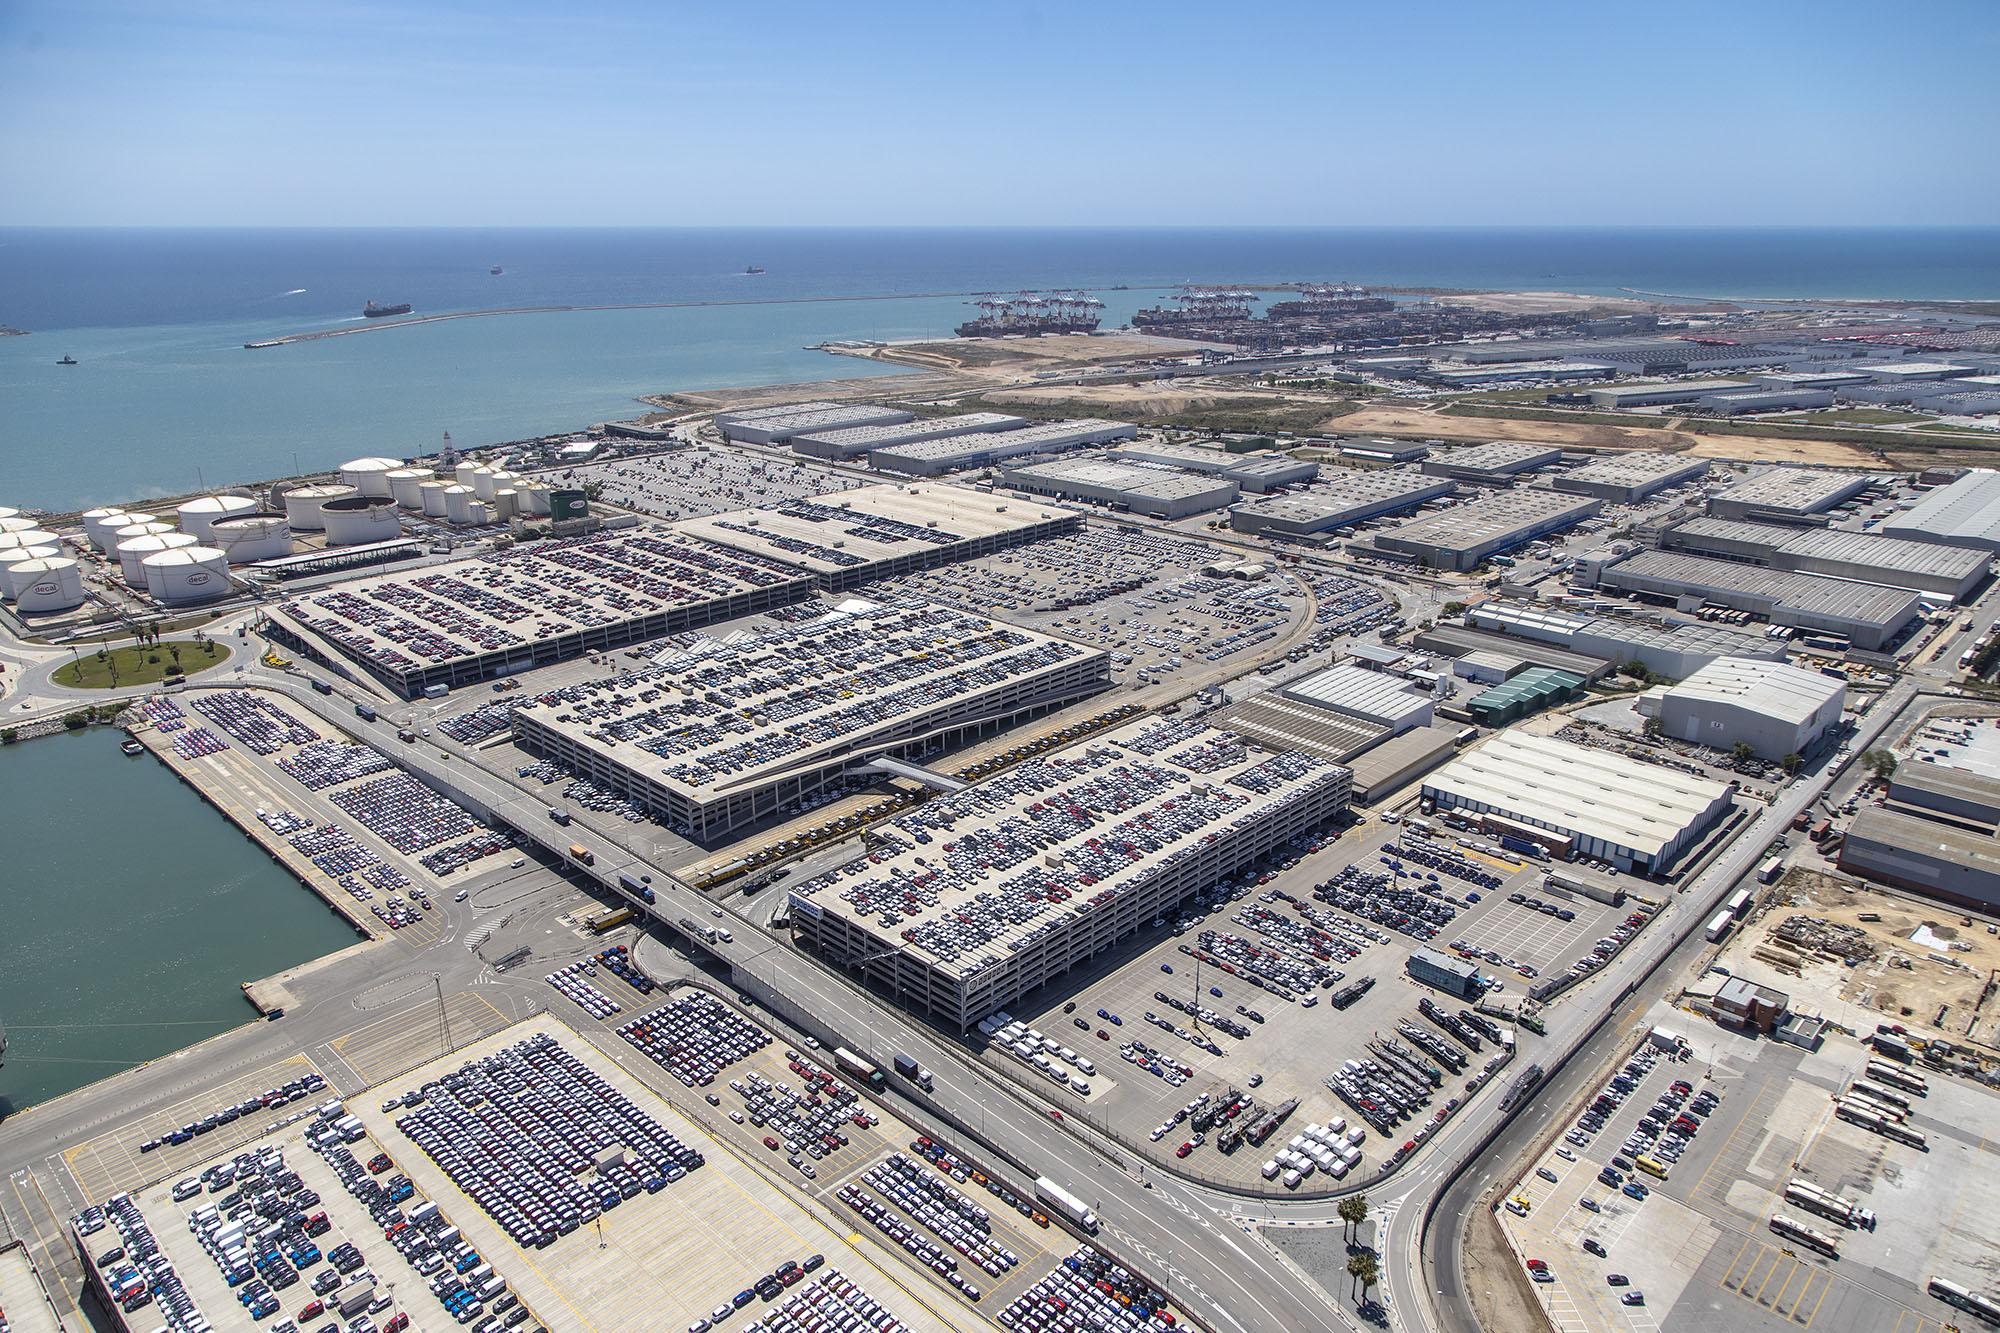 Associacio Empreses Estibadores del Port de Barcelona - AEEPB - fotos aereas